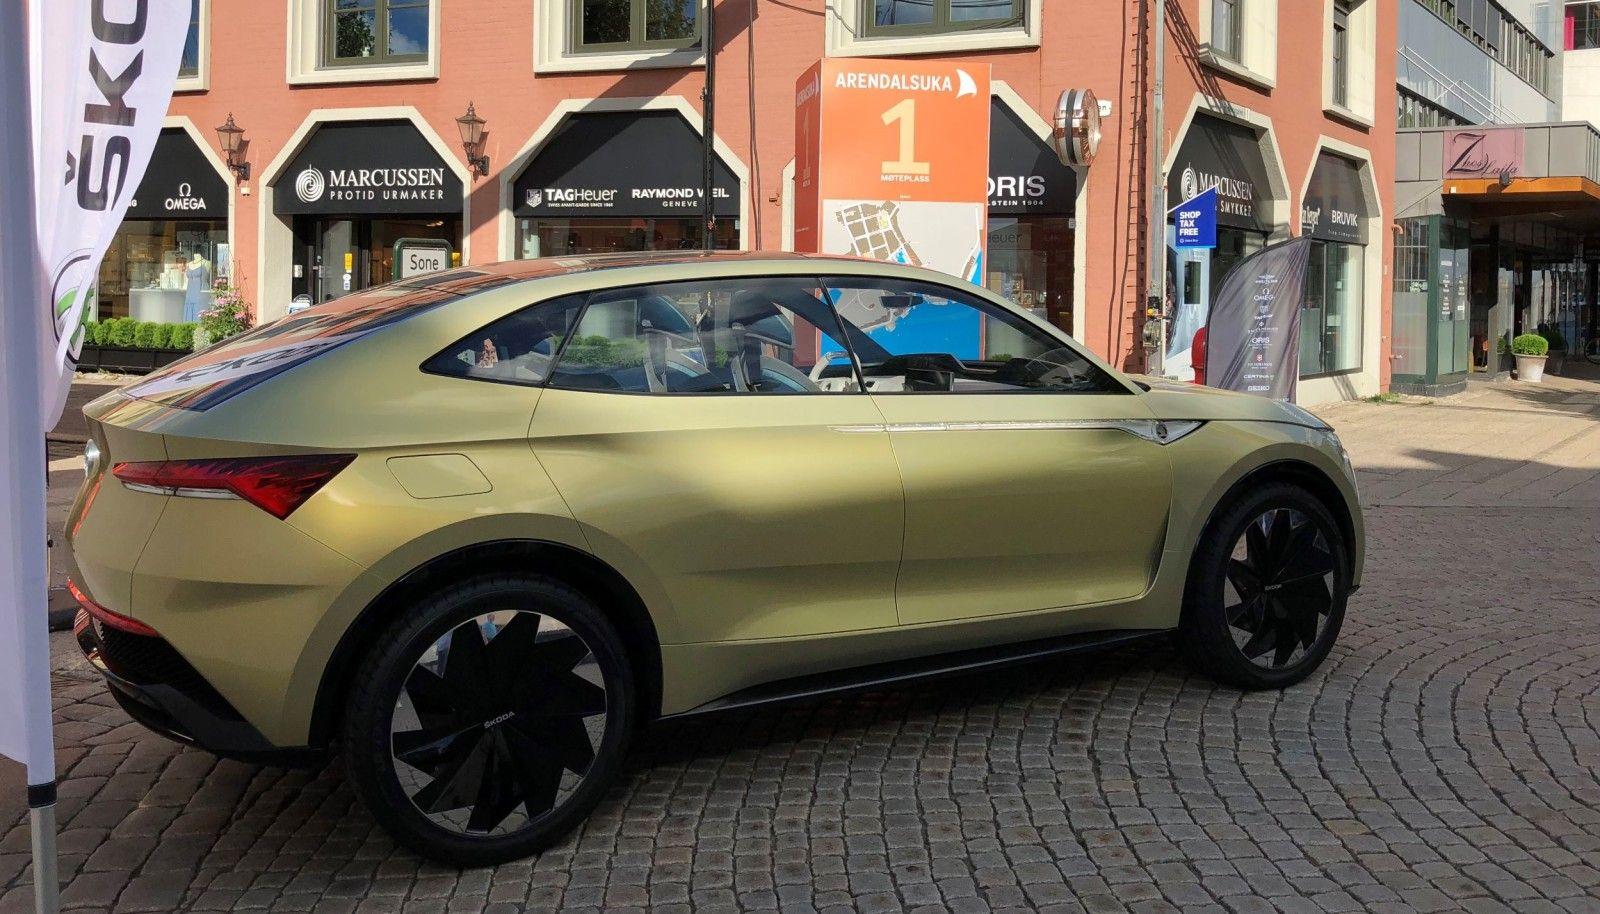 Konseptbil Bilen Som Vises Fram I Arendal Er Apenbart En Konseptmodell Vision E Kommer Ganske Sikkert Til A Fa En Del Designendringer For Bil Volkswagen Audi